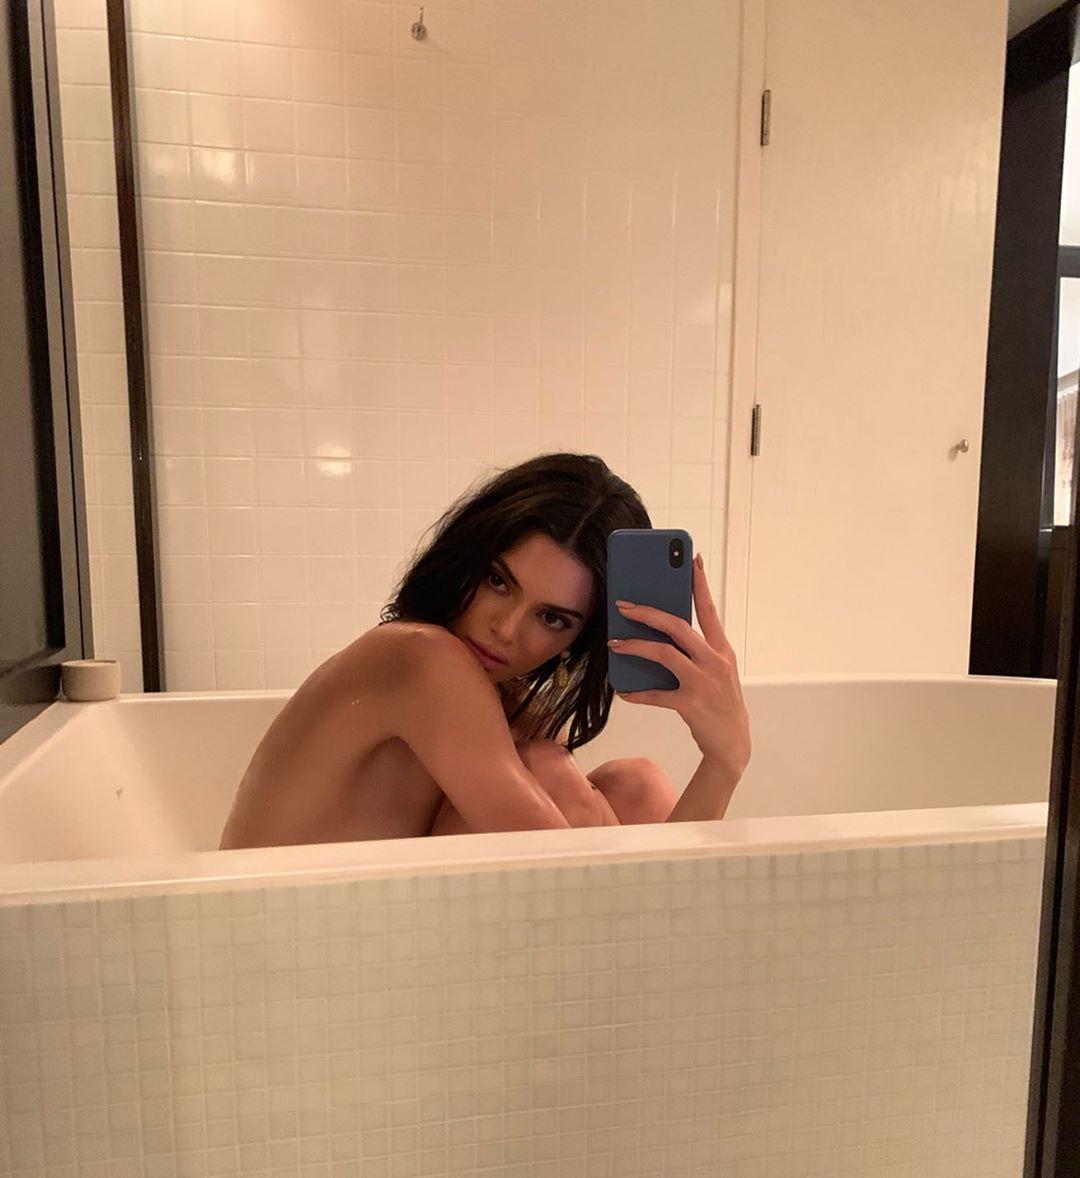 Как ухаживать за телом, чтобы выглядеть как Ирина Шейк? Три простых рецепта в ванной